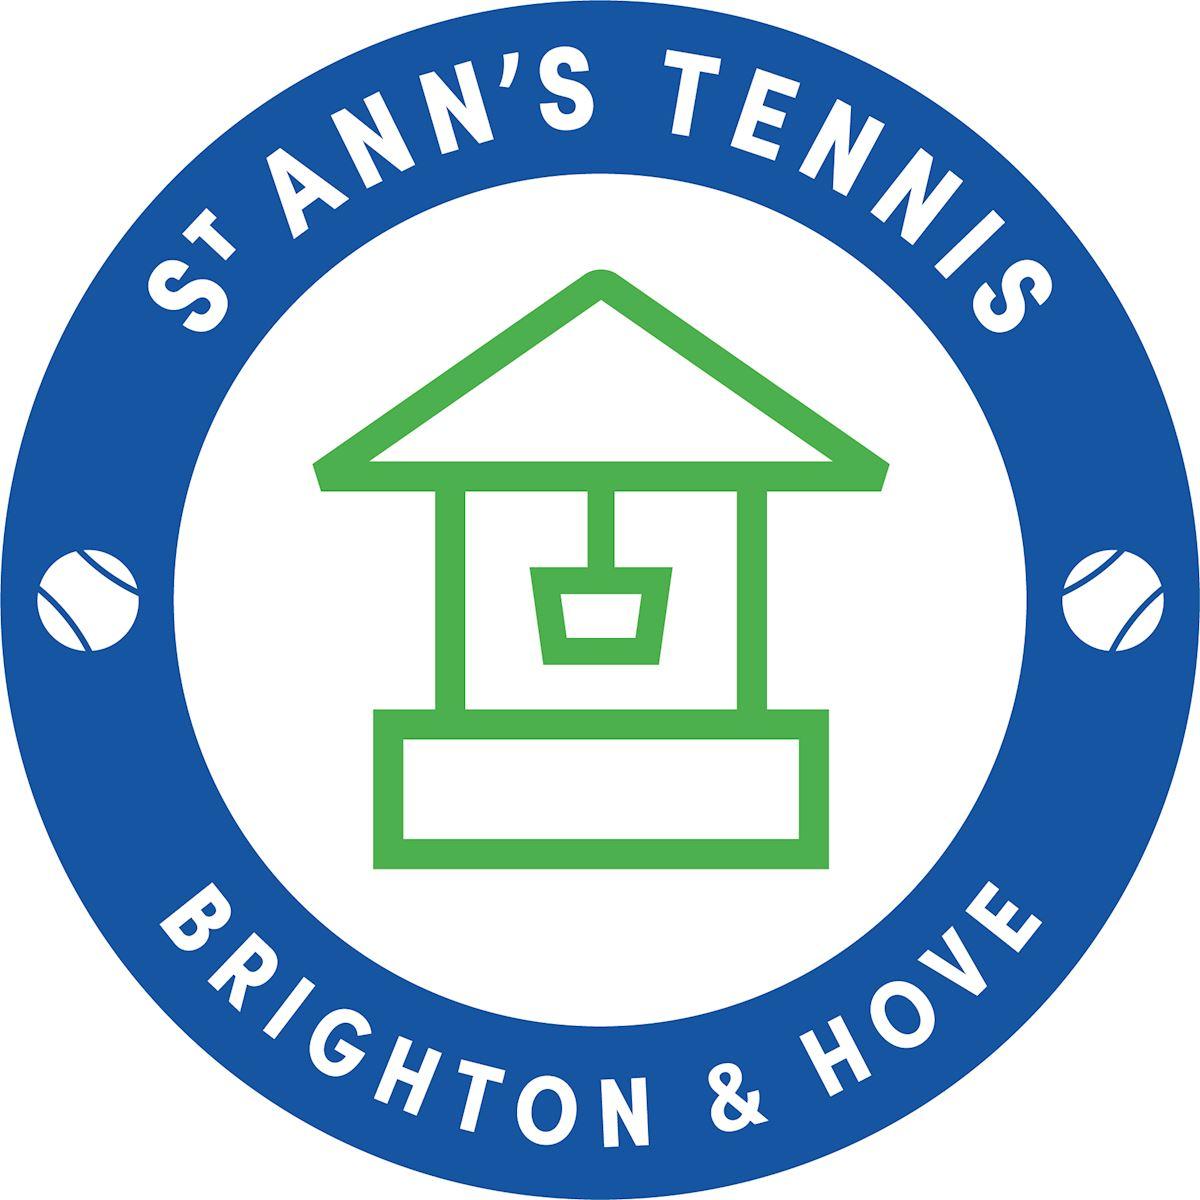 St Ann's Tennis